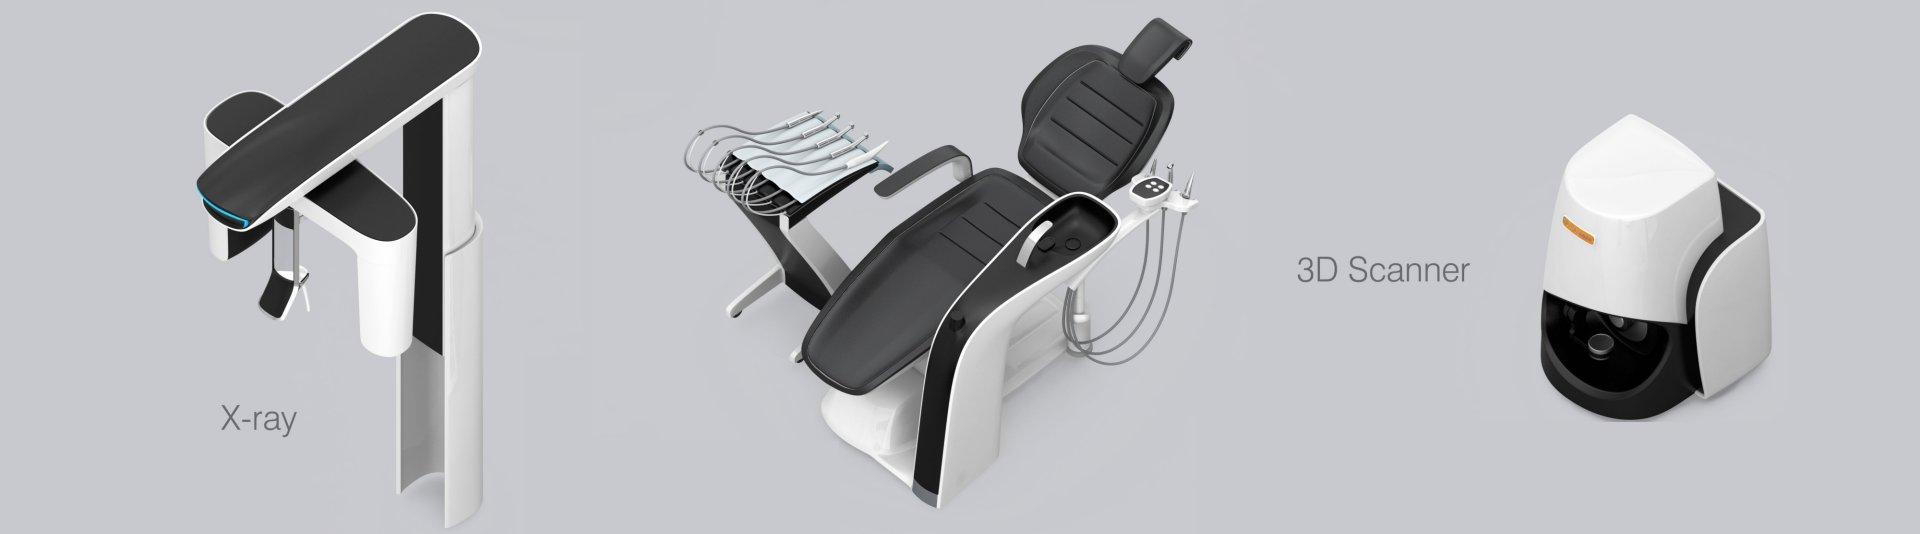 equipement dentiste 94 radio panoramique scanner 3d